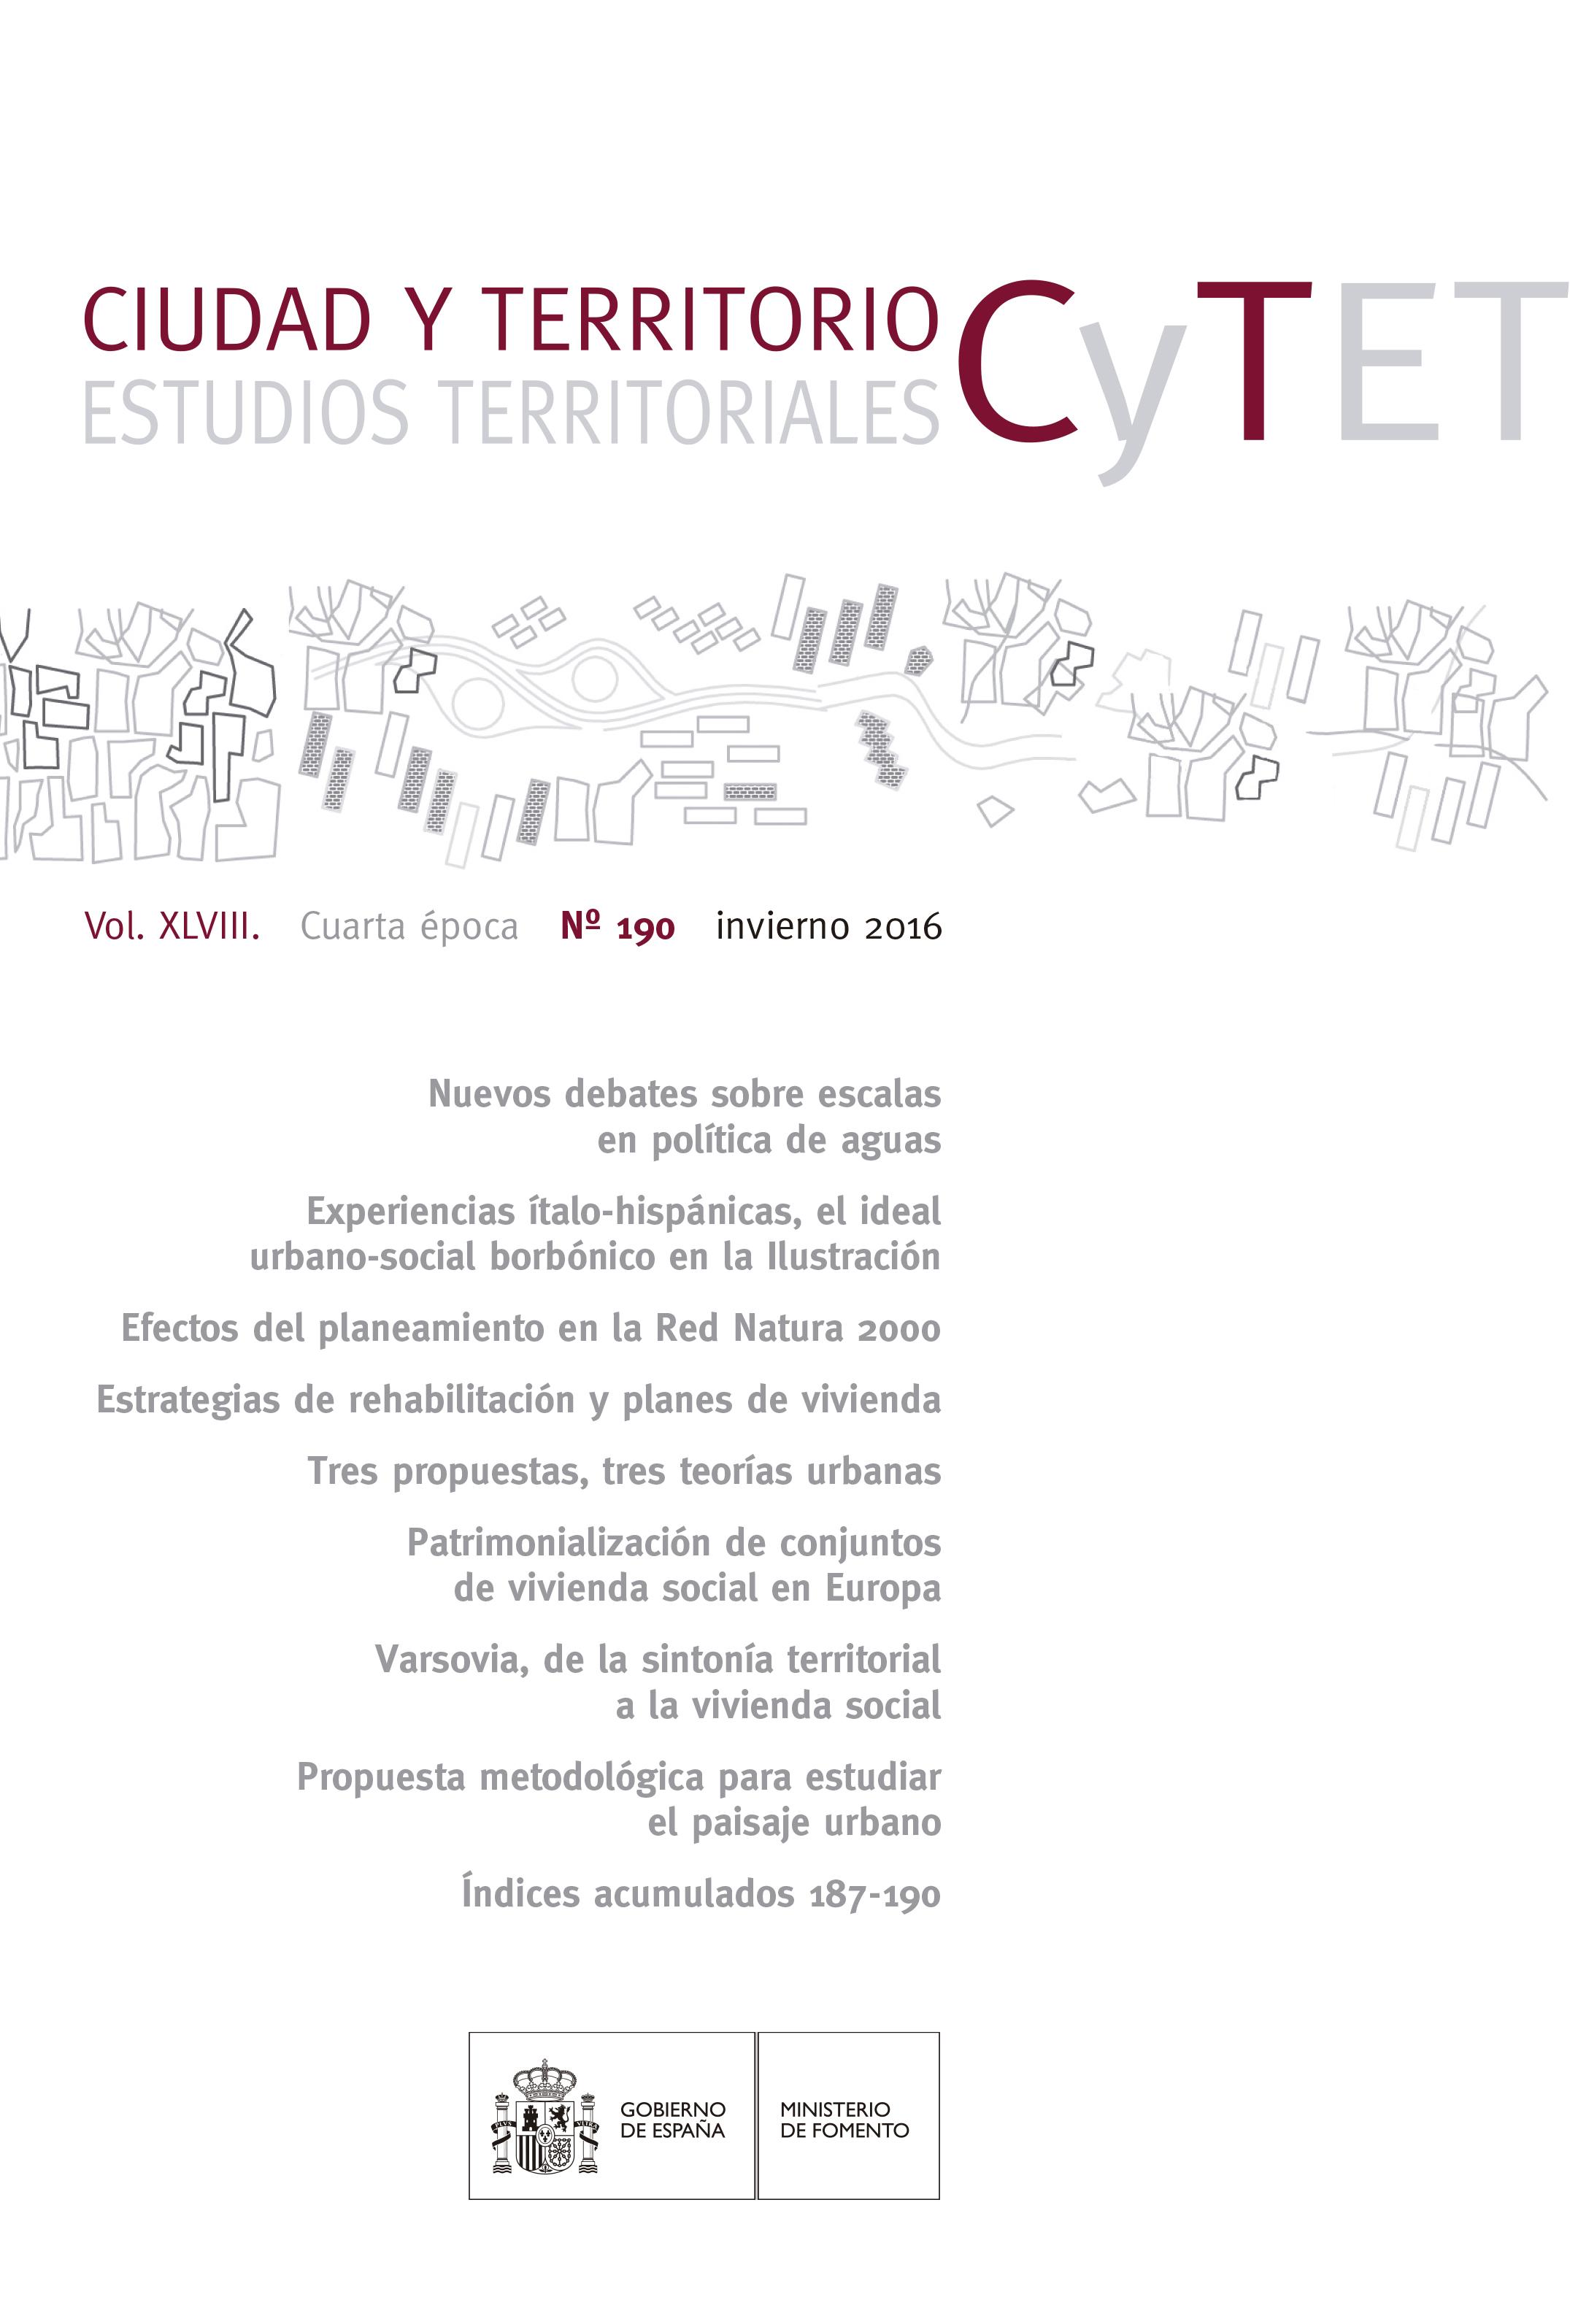 Ciudad y Territorio nº 190, invierno 2016.